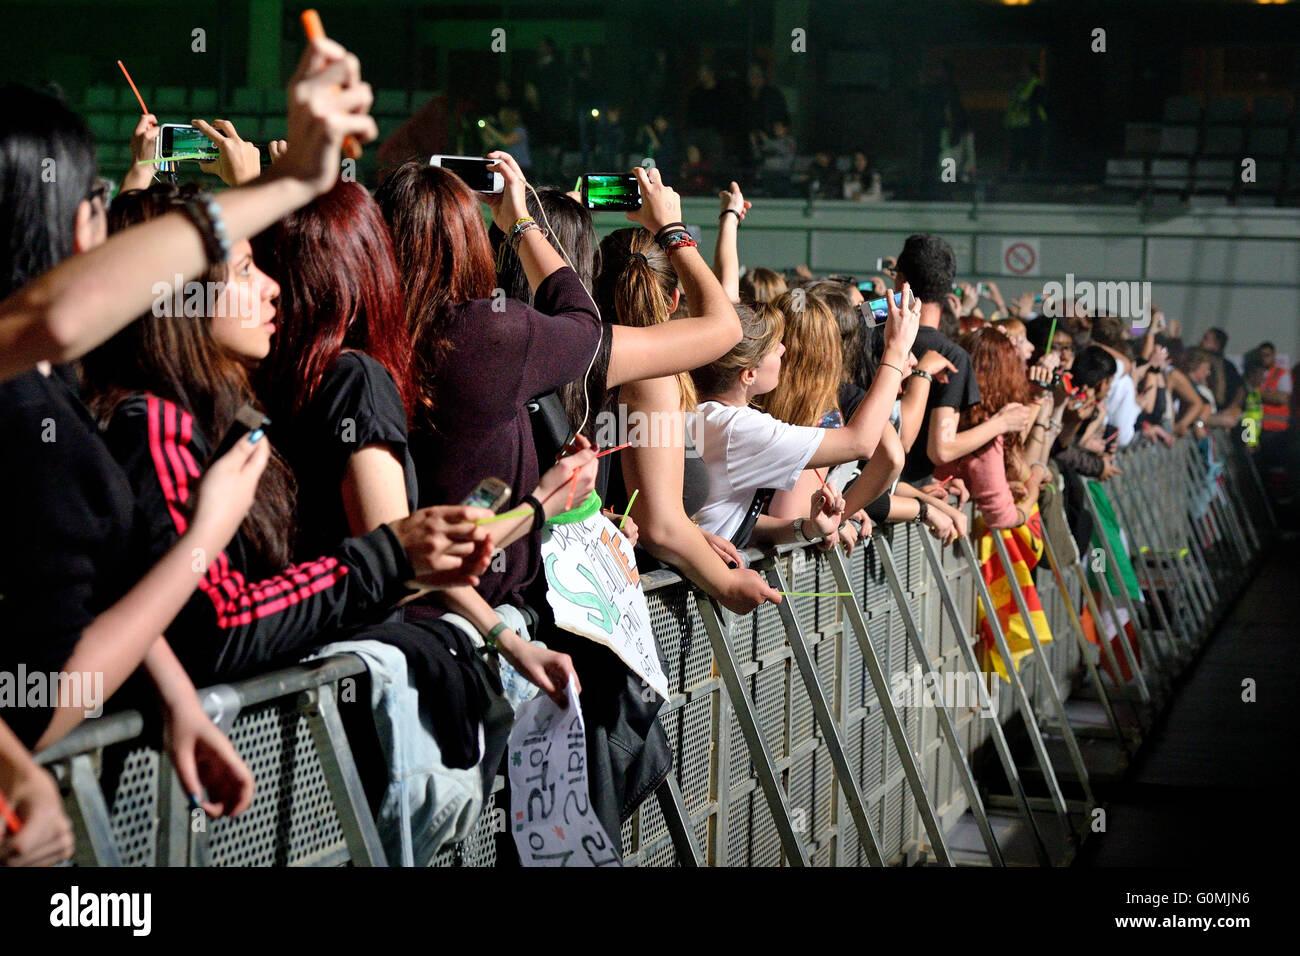 BARCELONA - 30 mars: foule lors d'un concert au stade Saint Jordi Club le 18 mars 2015 à Barcelone, Photo Stock